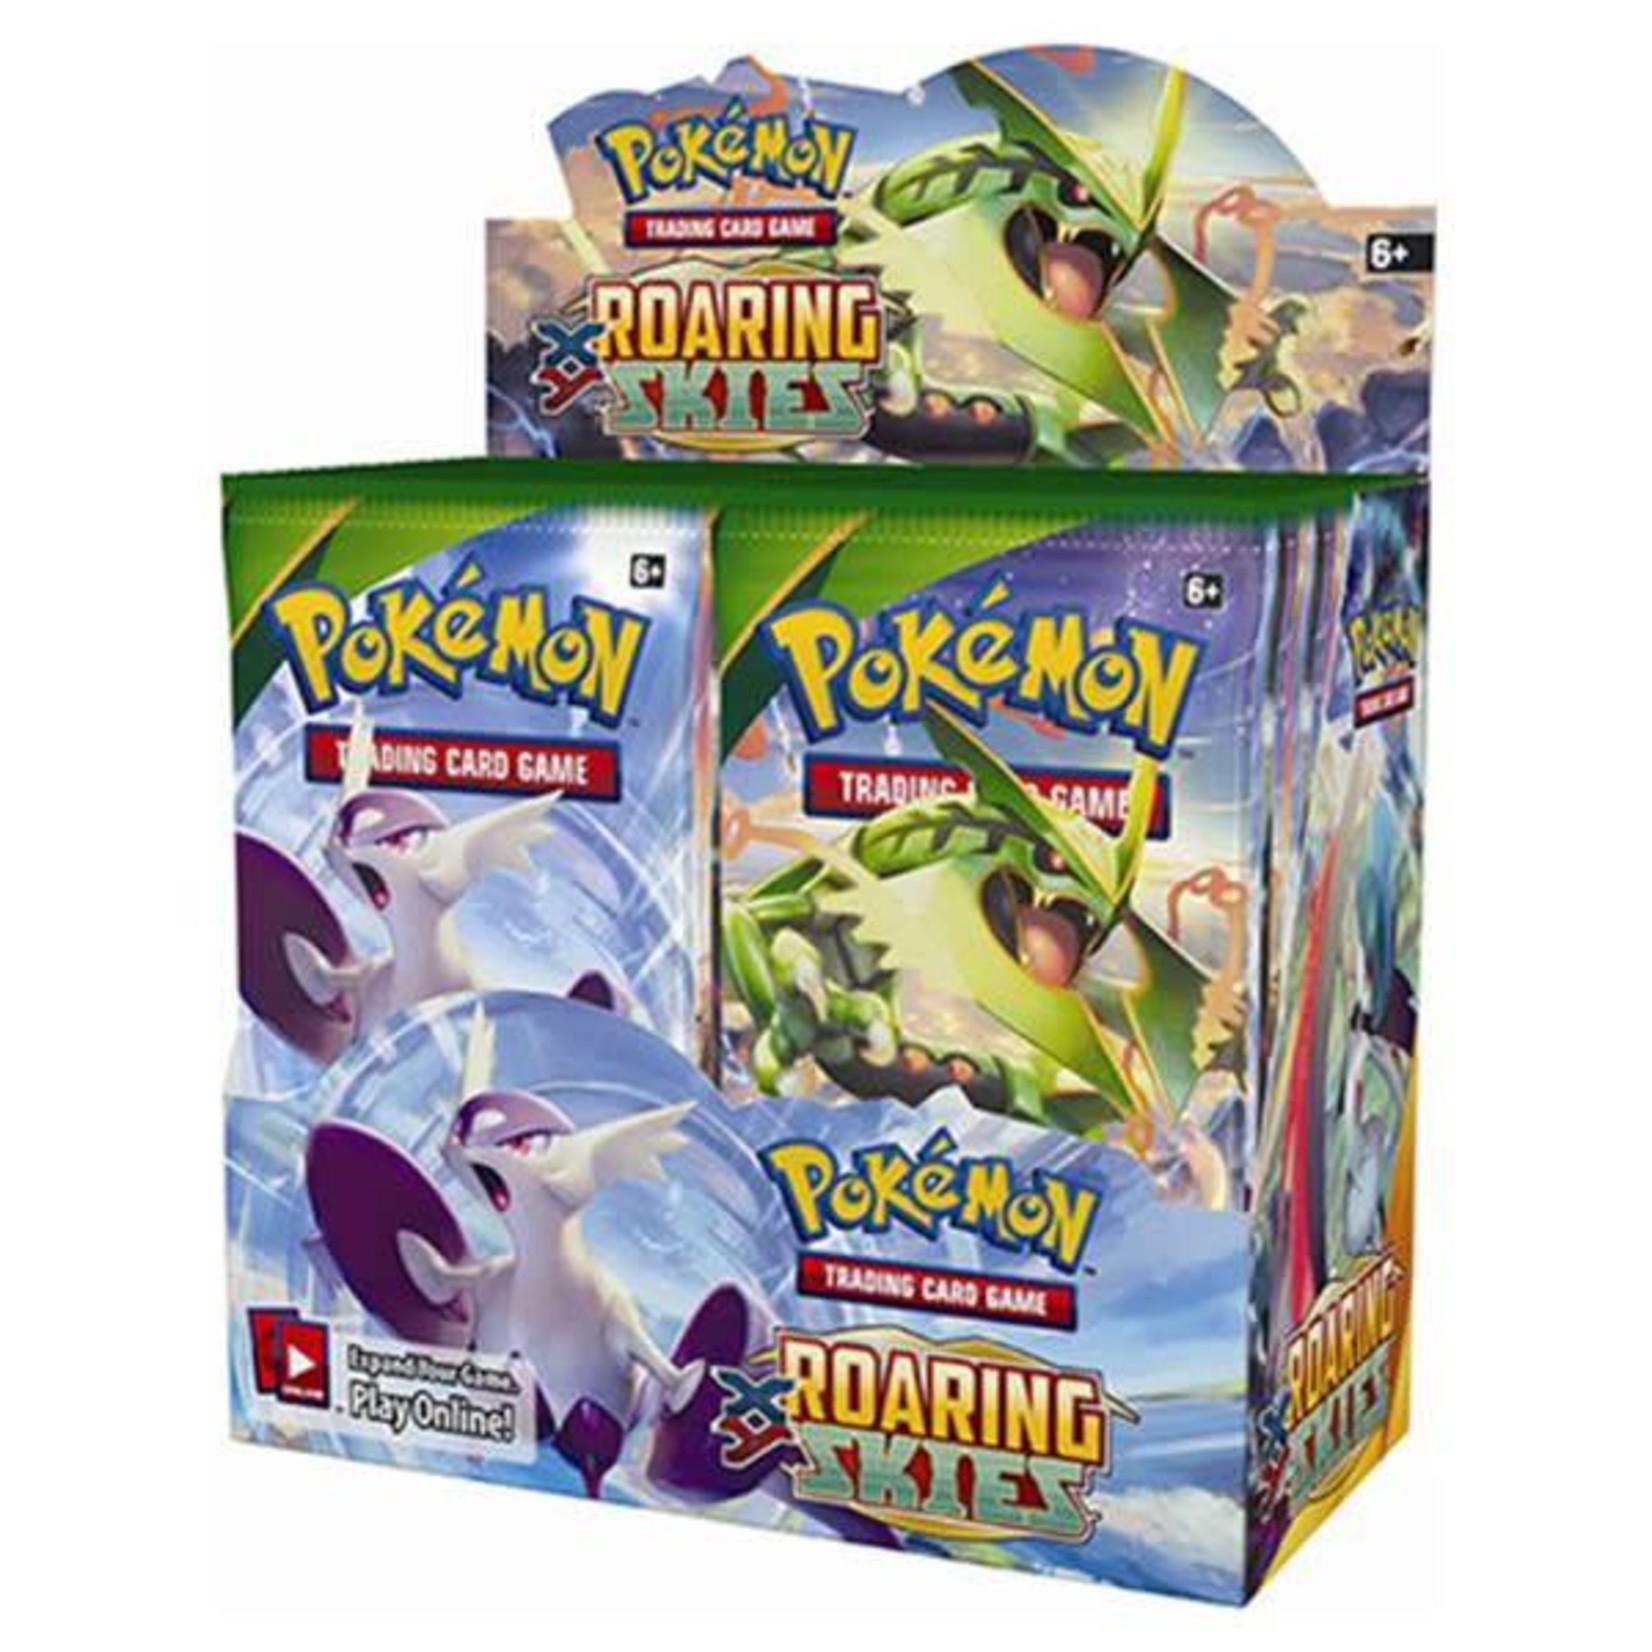 Pokemon International Pokemon Trading Card Game: Roaring Skies Booster Box